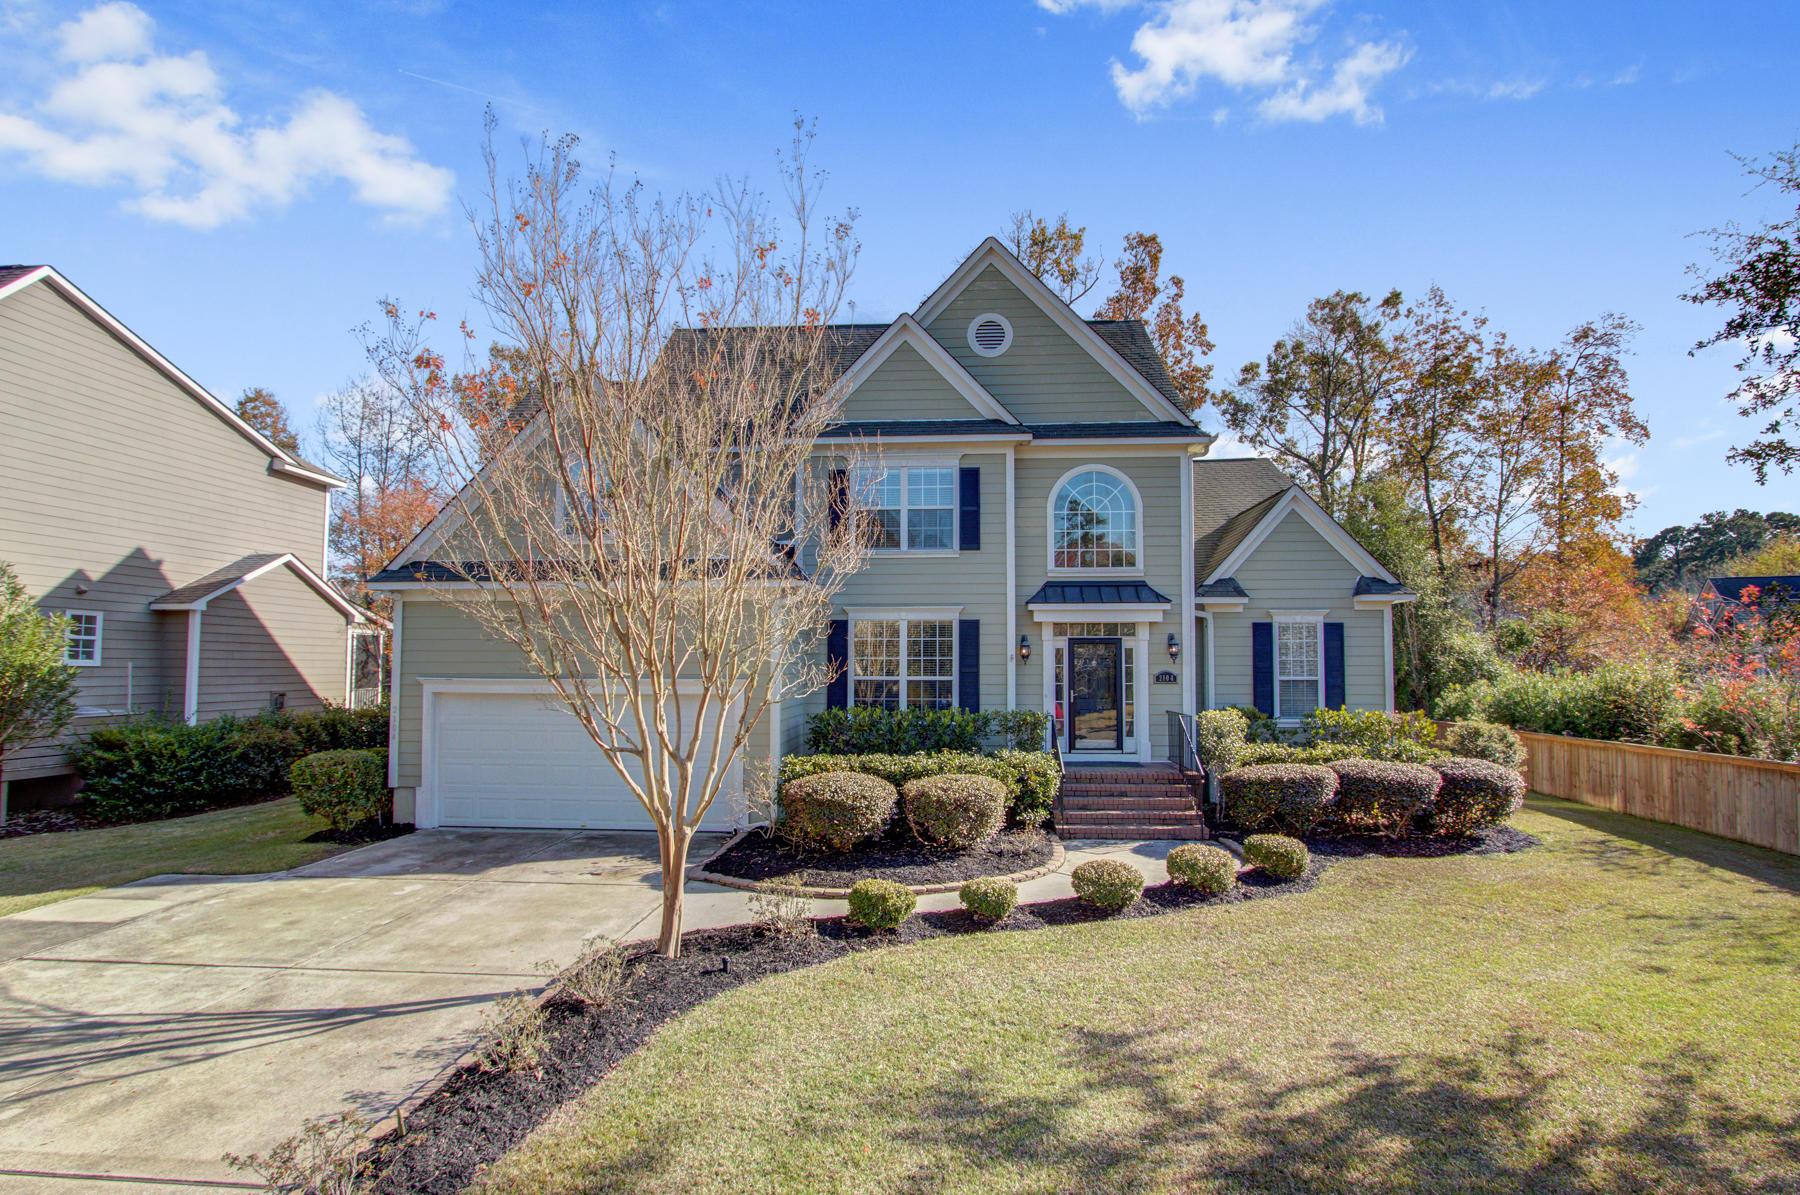 Dunes West Homes For Sale - 2104 Short Grass, Mount Pleasant, SC - 11